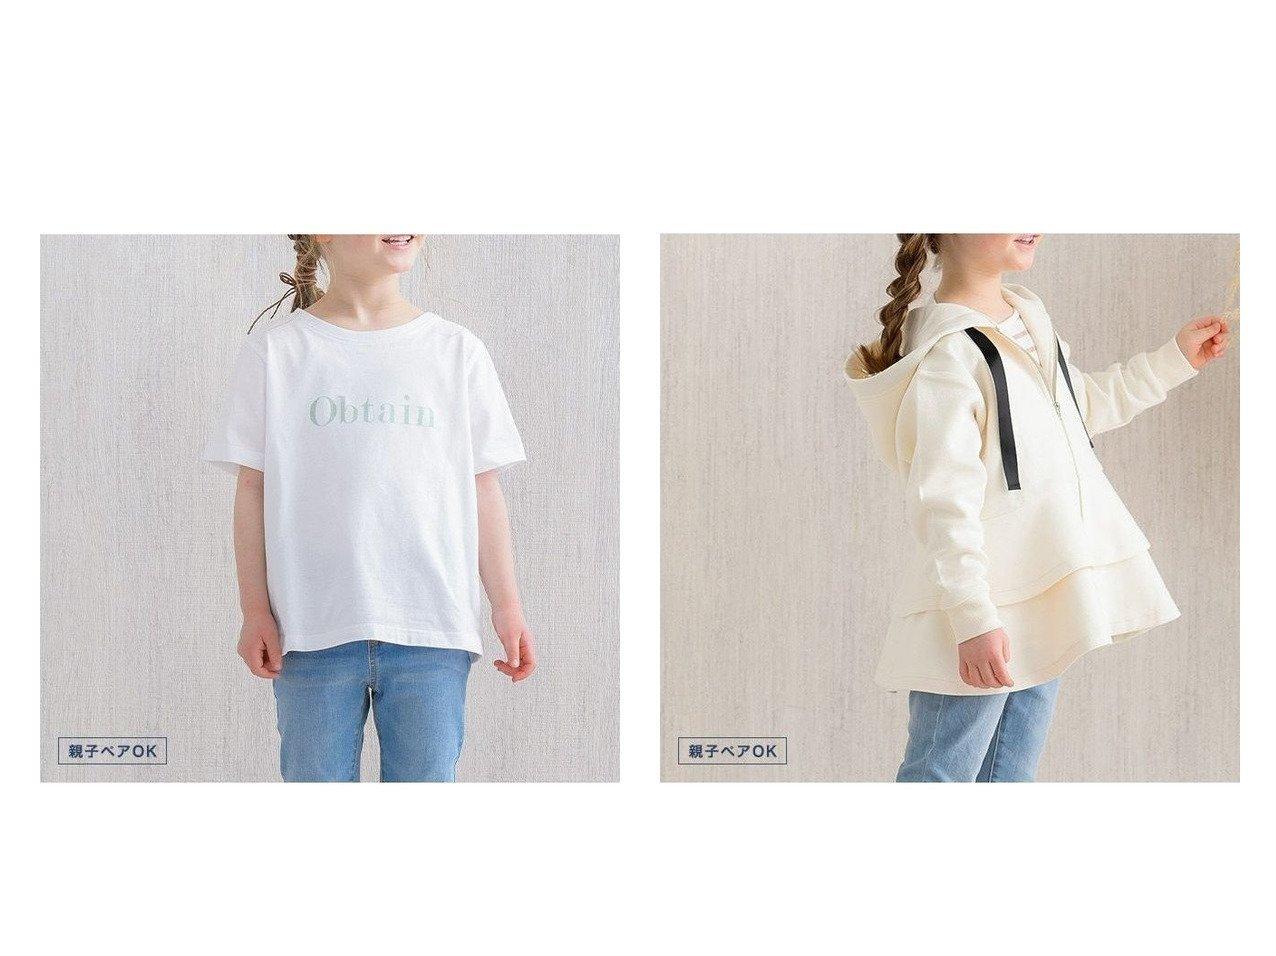 【Pierrot/ピエロ】のlulpini ObtainロゴTシャツ&lulpini ボンディングフリルパーカー 【KIDS プチプライス】おすすめ!人気トレンド・ファッション通販  おすすめで人気の流行・トレンド、ファッションの通販商品 メンズファッション・キッズファッション・インテリア・家具・レディースファッション・服の通販 founy(ファニー) https://founy.com/ ファッション Fashion レディースファッション WOMEN トップス・カットソー Tops/Tshirt パーカ Sweats シャツ/ブラウス Shirts/Blouses ロング / Tシャツ T-Shirts カットソー スウェット フリル プチプライス・低価格 Affordable ボンディング シンプル 吸水 |ID:crp329100000029016